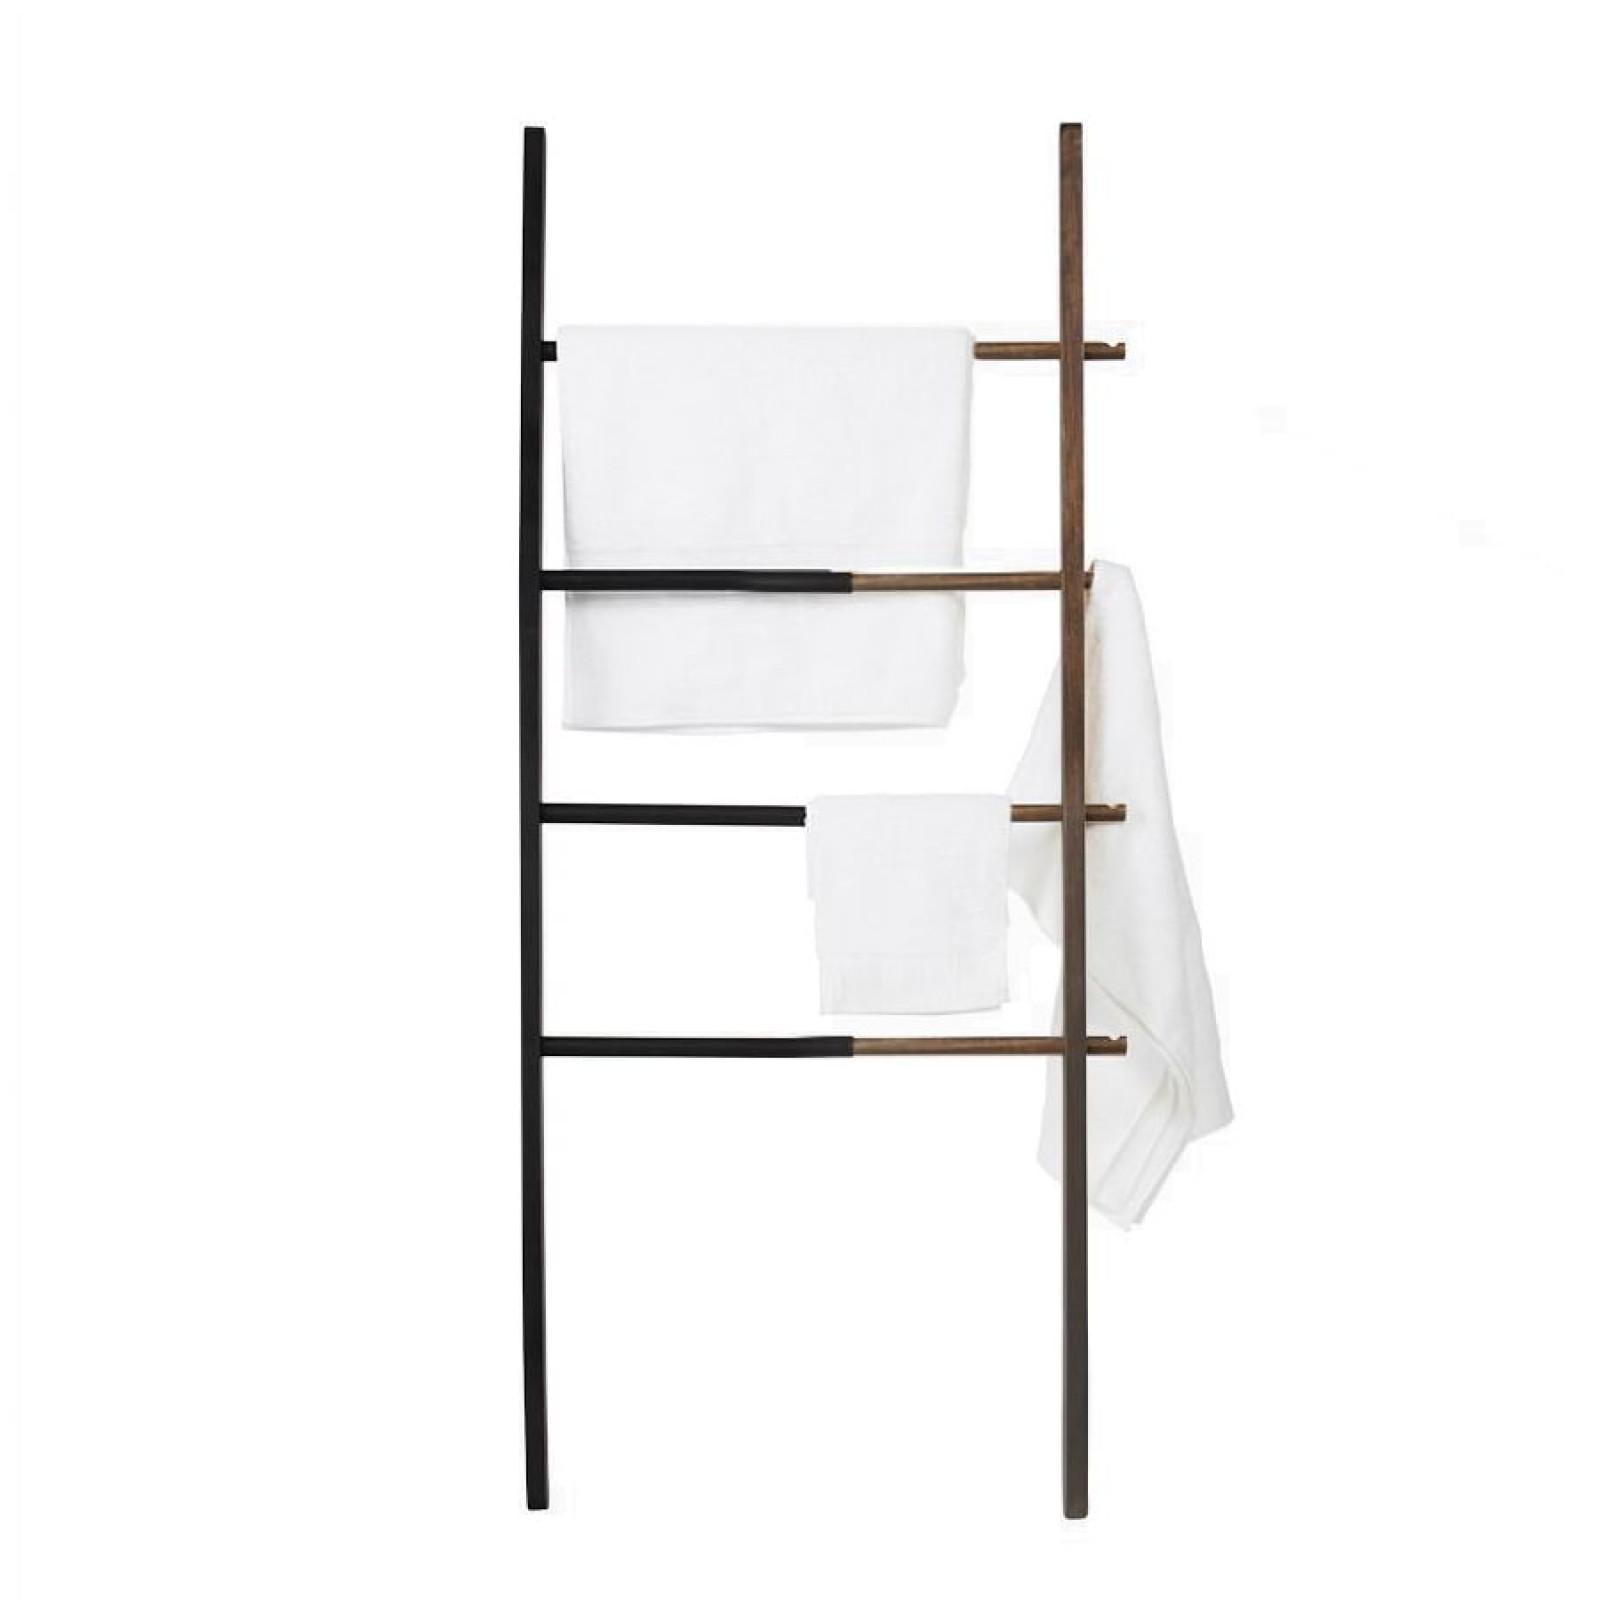 Σκάλα - Κρεμάστρα Hub (Μαύρο / Ξύλο Καρυδιάς) - Umbra